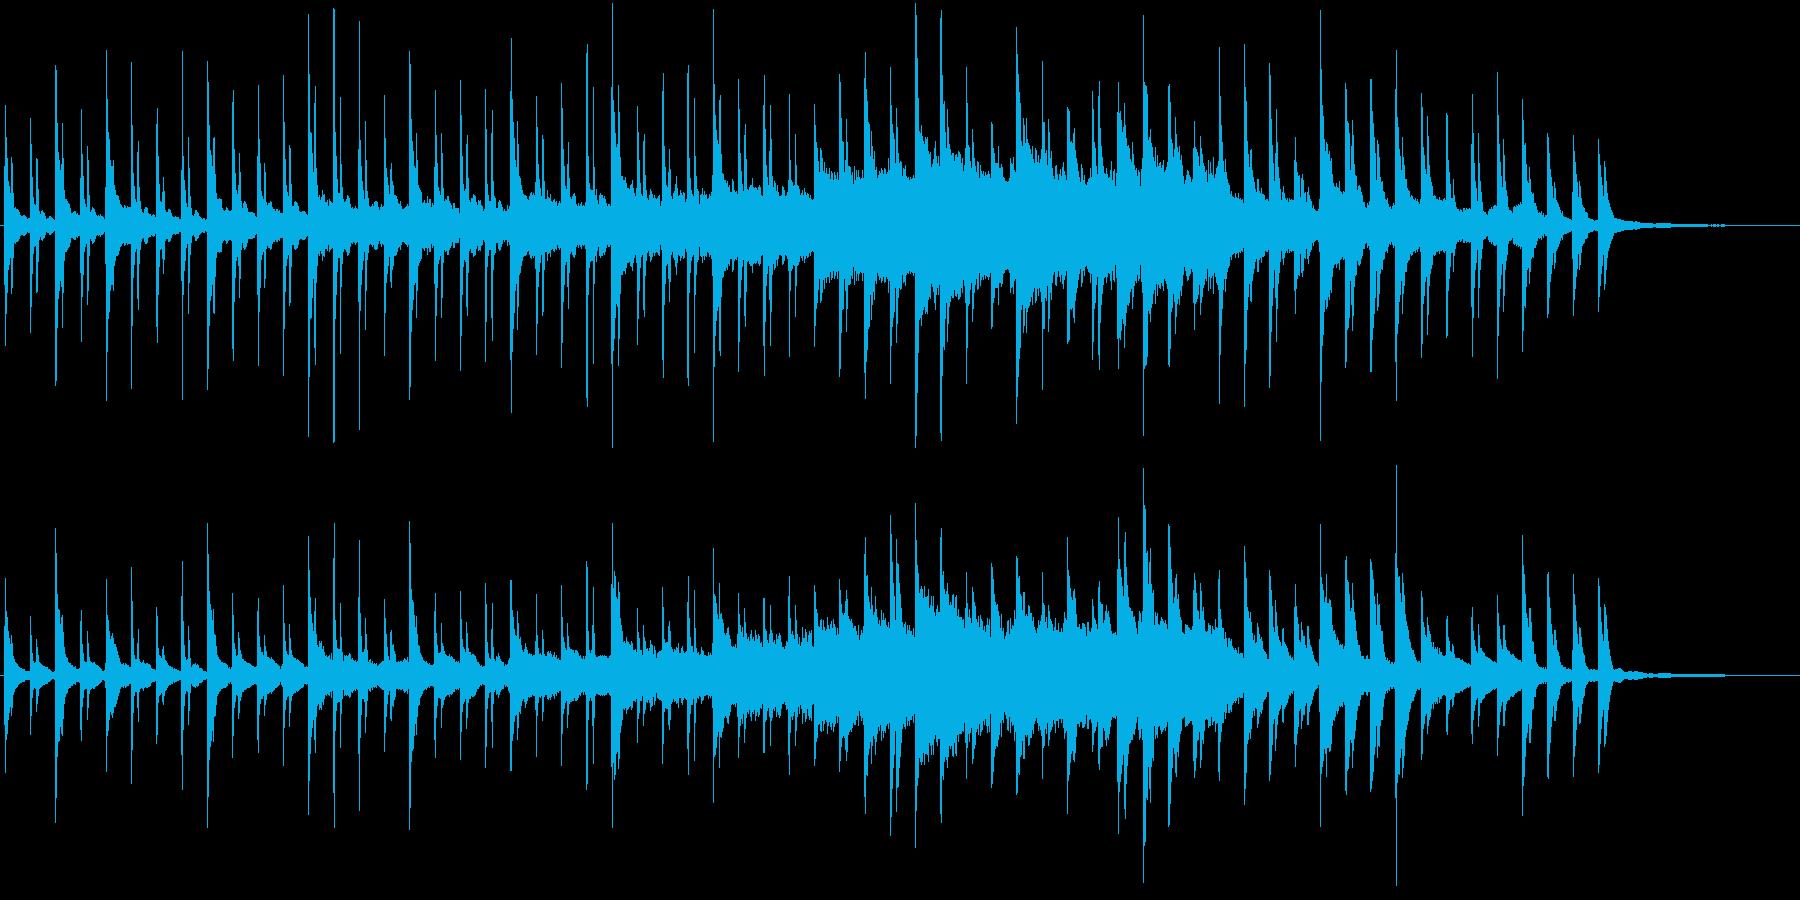 切ないピアノから始まるオケバラードの再生済みの波形